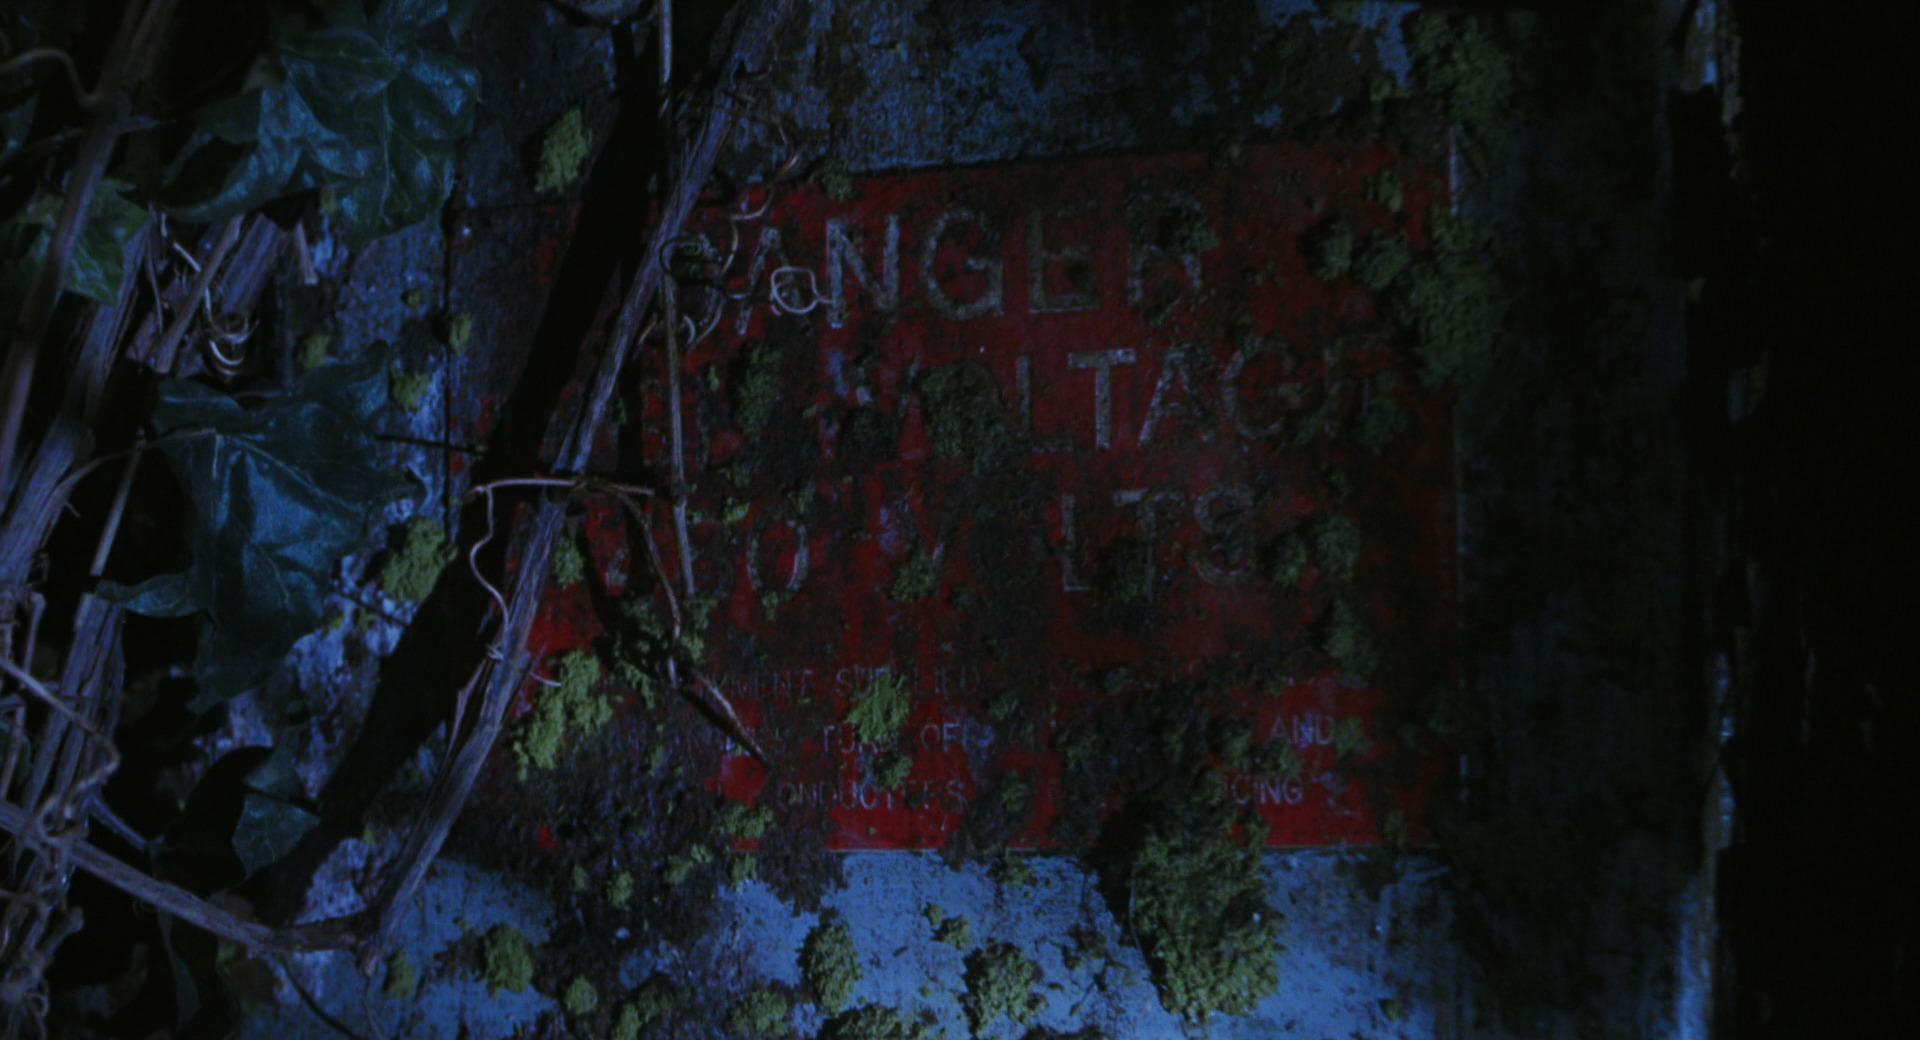 The Lost World Jurassic Park Screencaps are here Jurassic-lost-world-movie-screencaps.com-10737